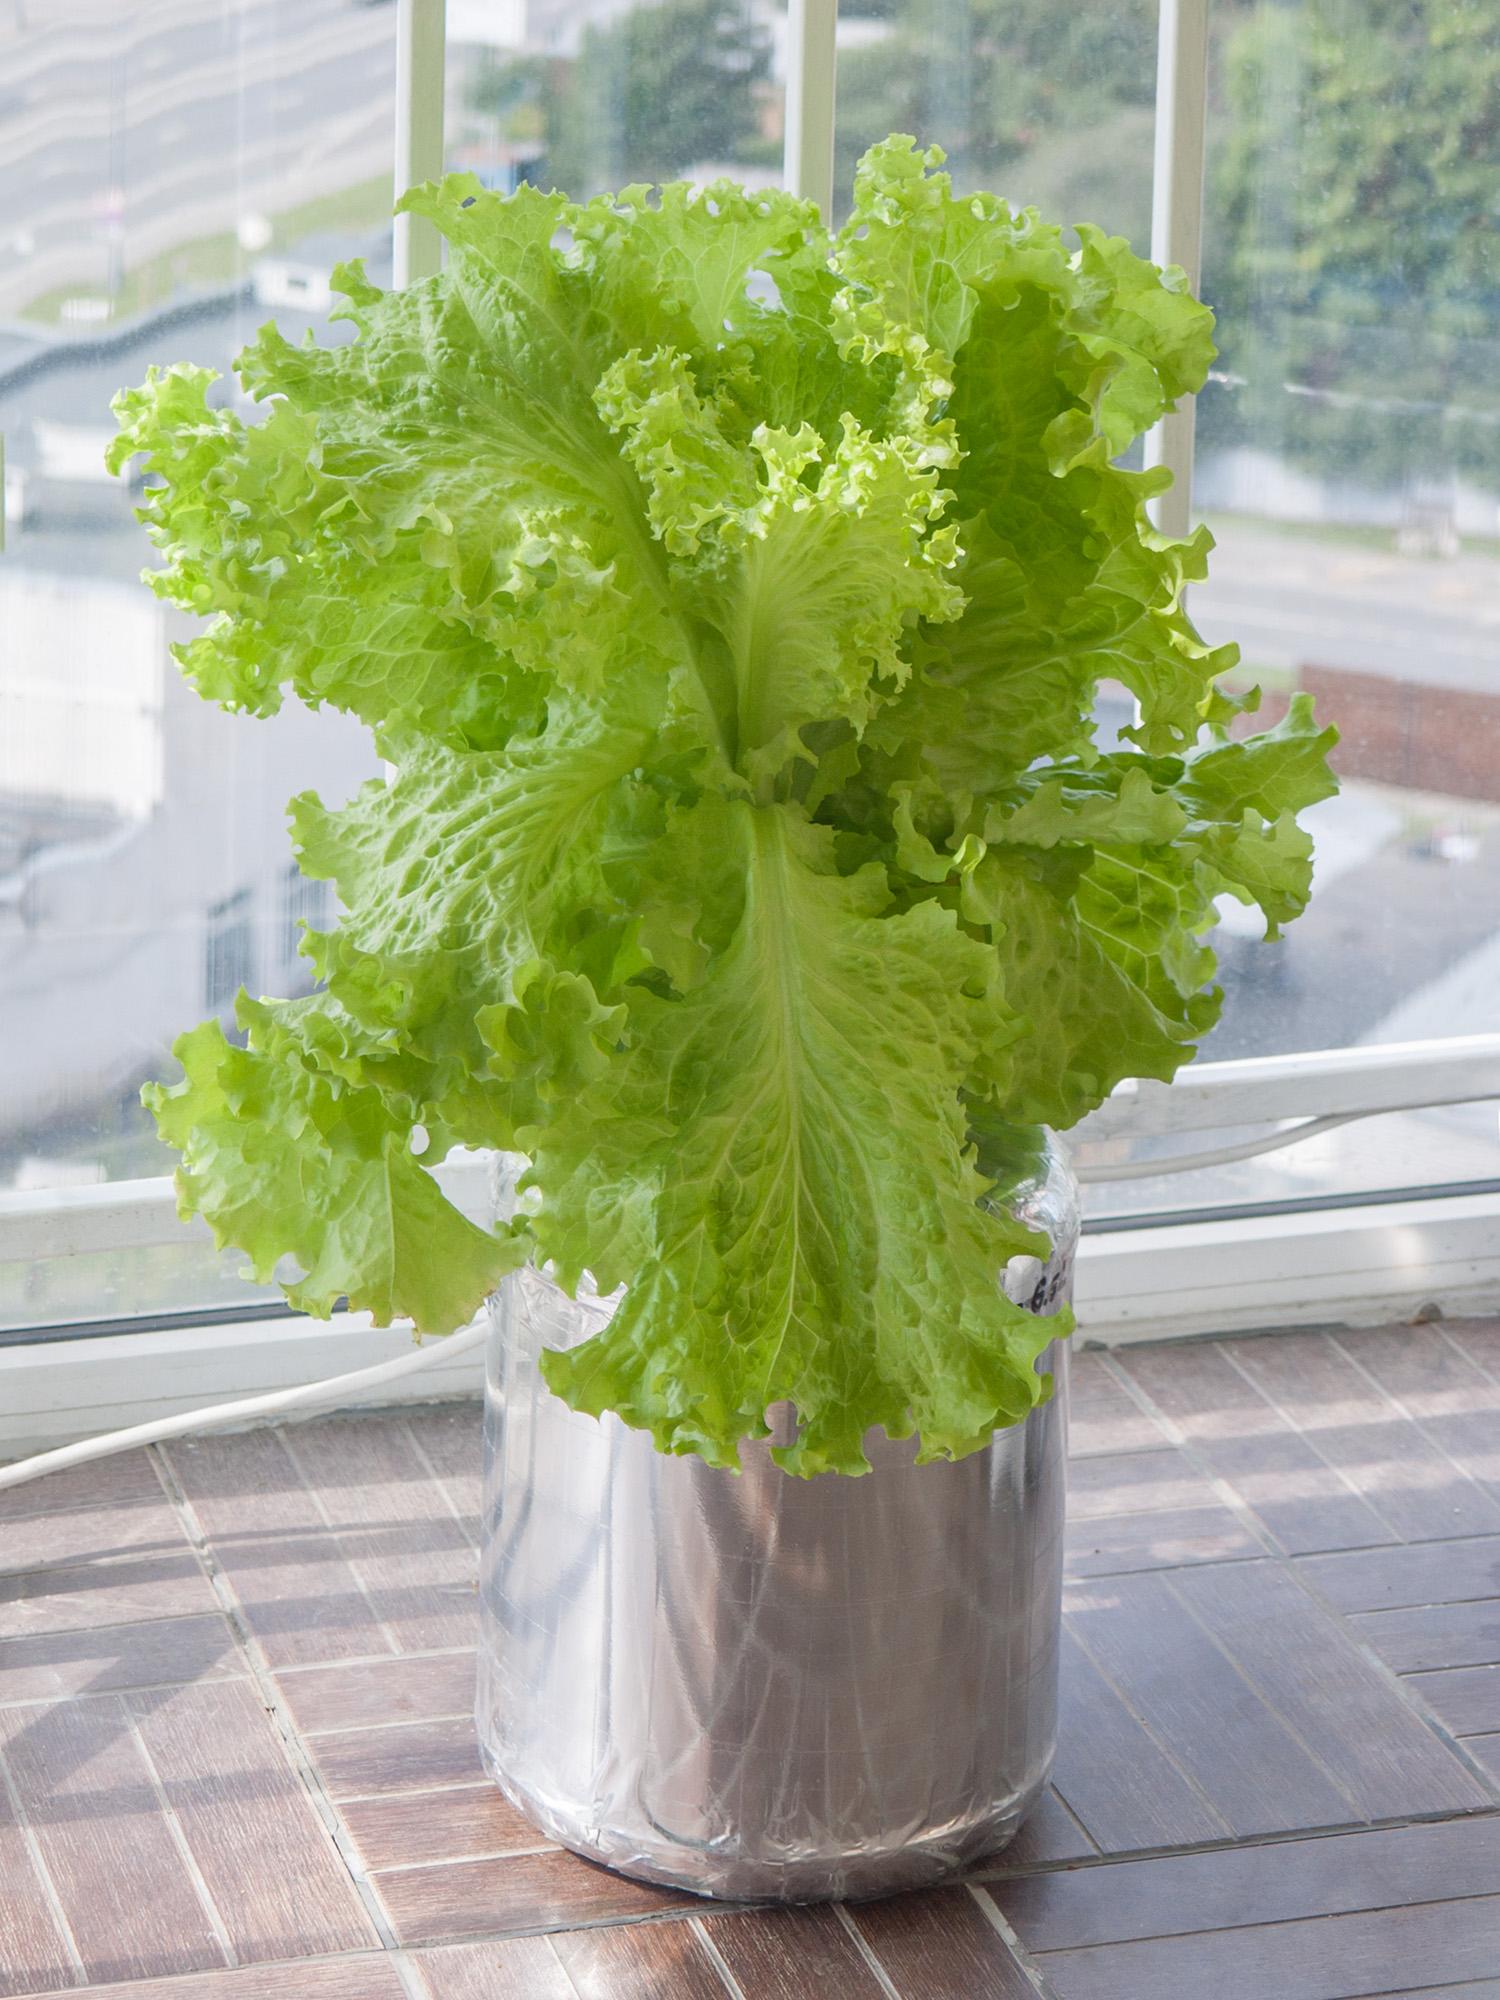 Гидропонный салат на балконе